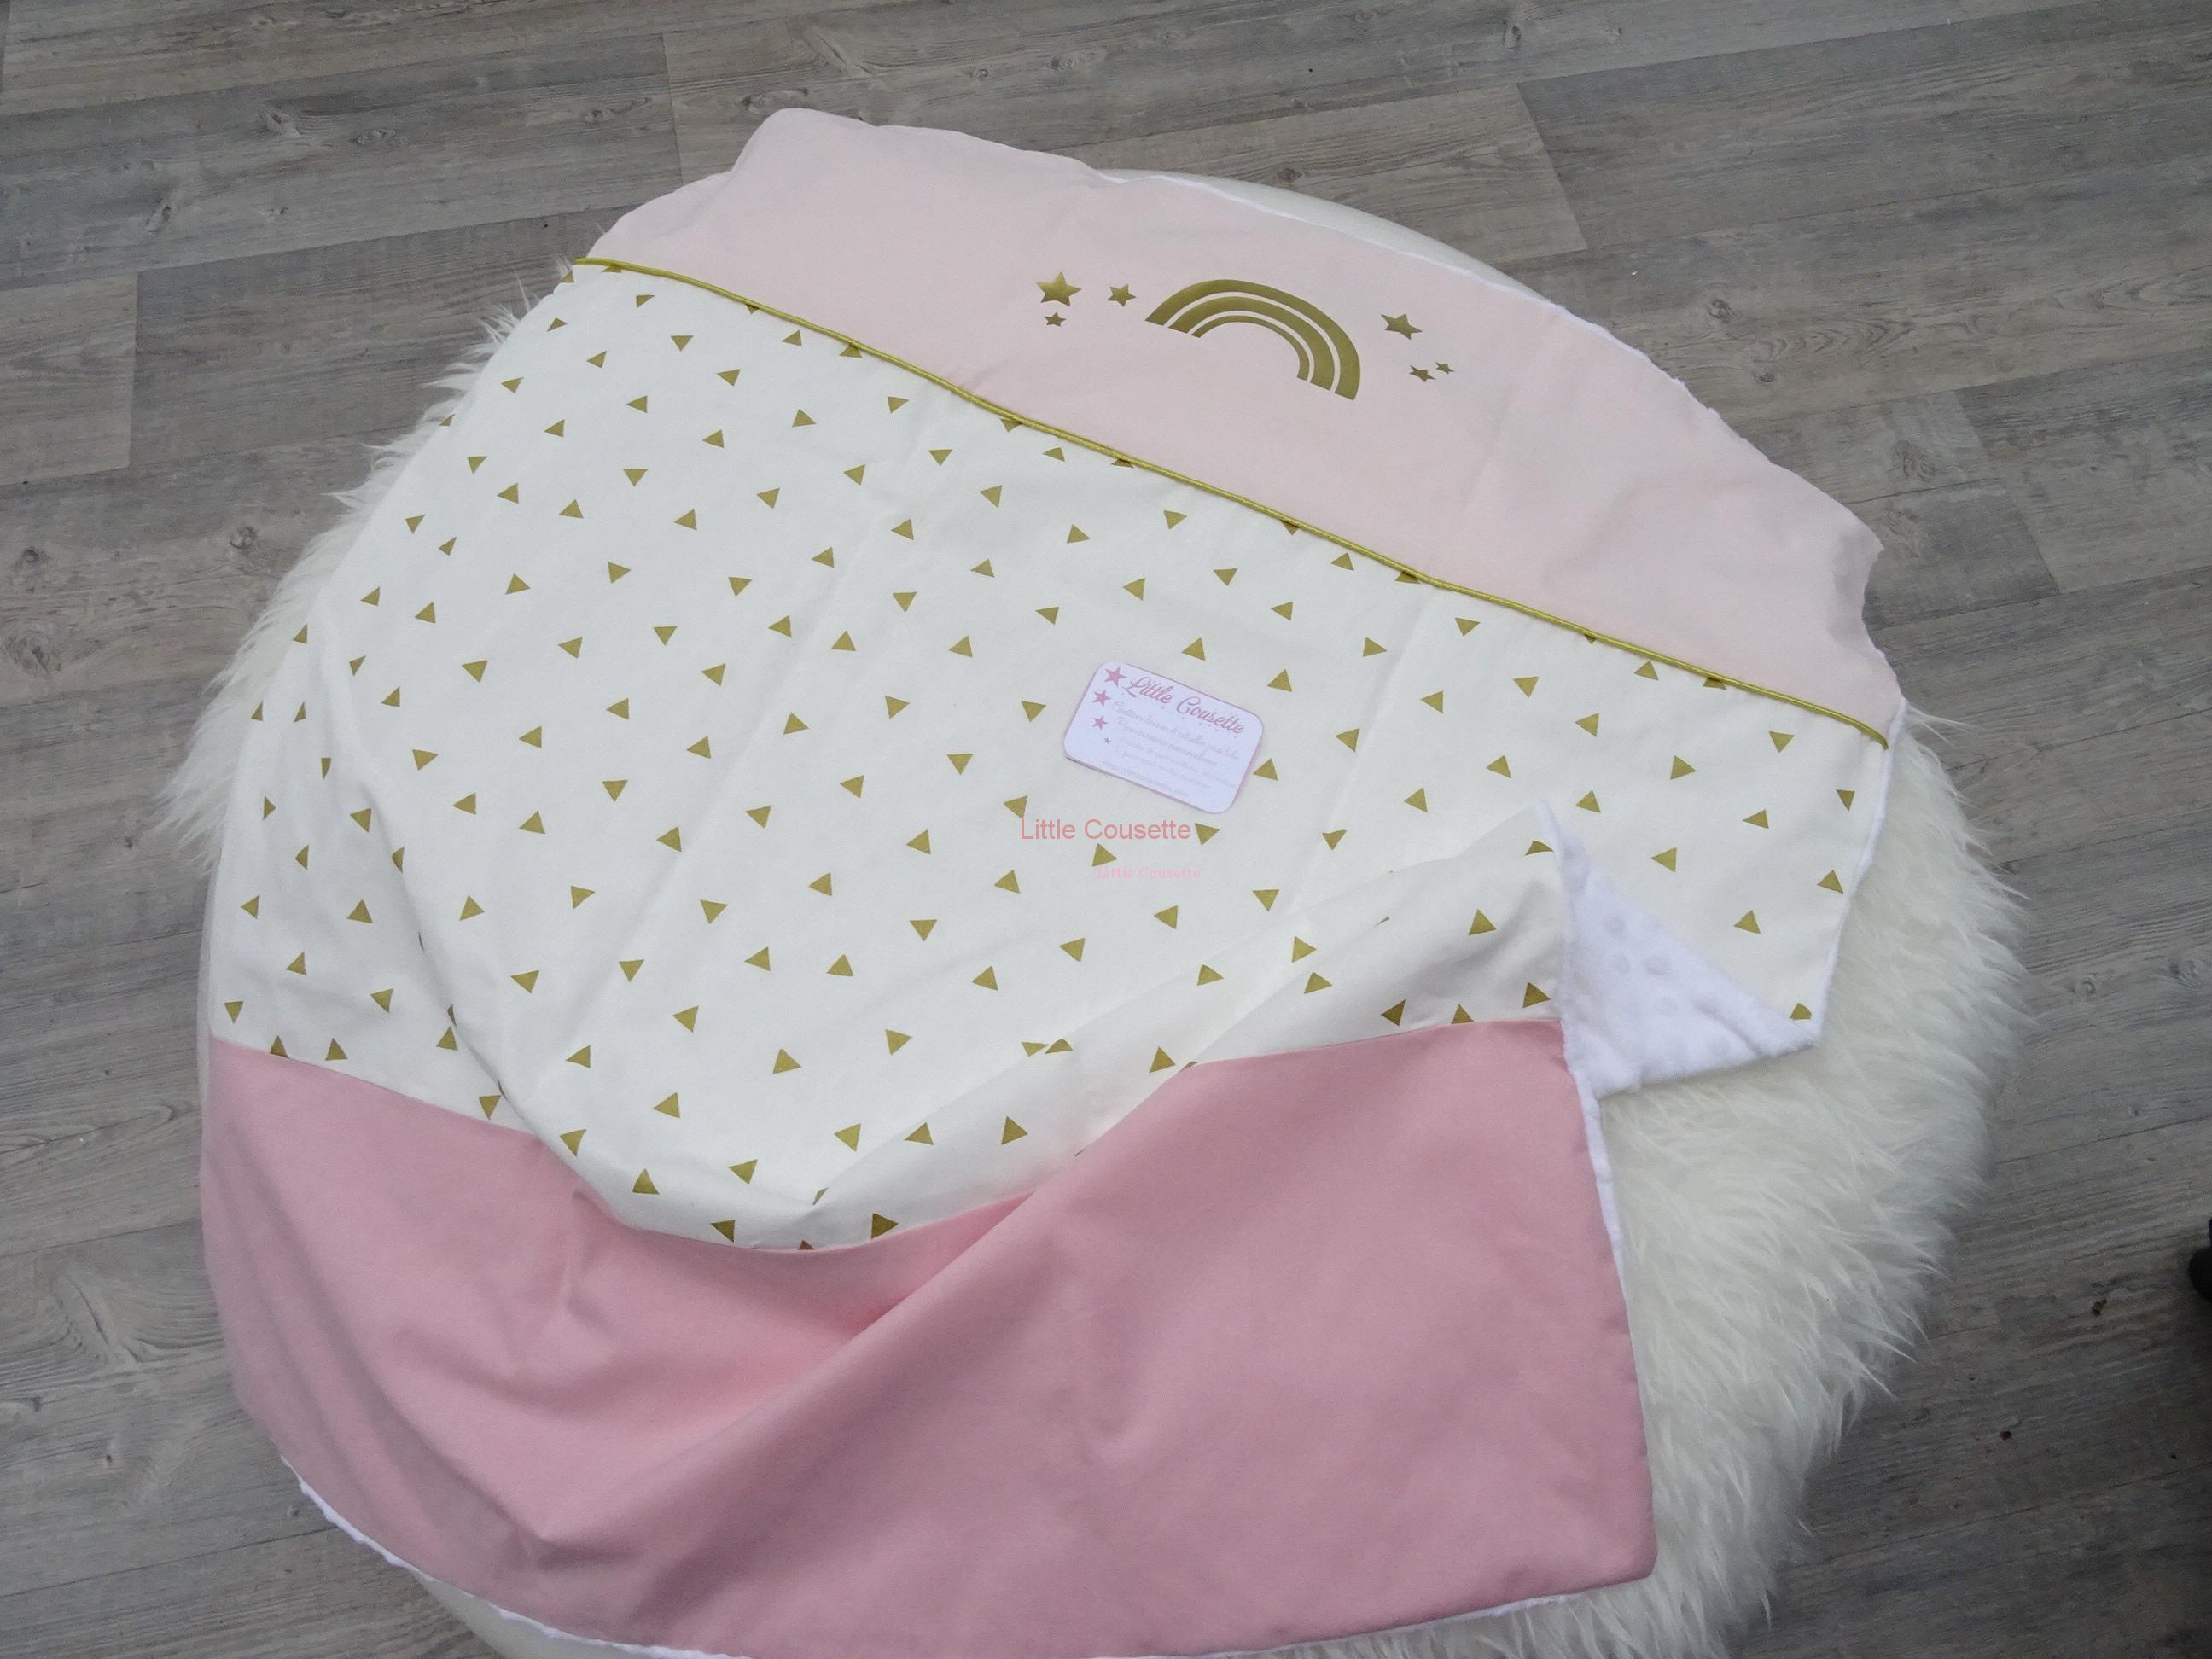 Grande couverture bébé ultra-douce personnalisé